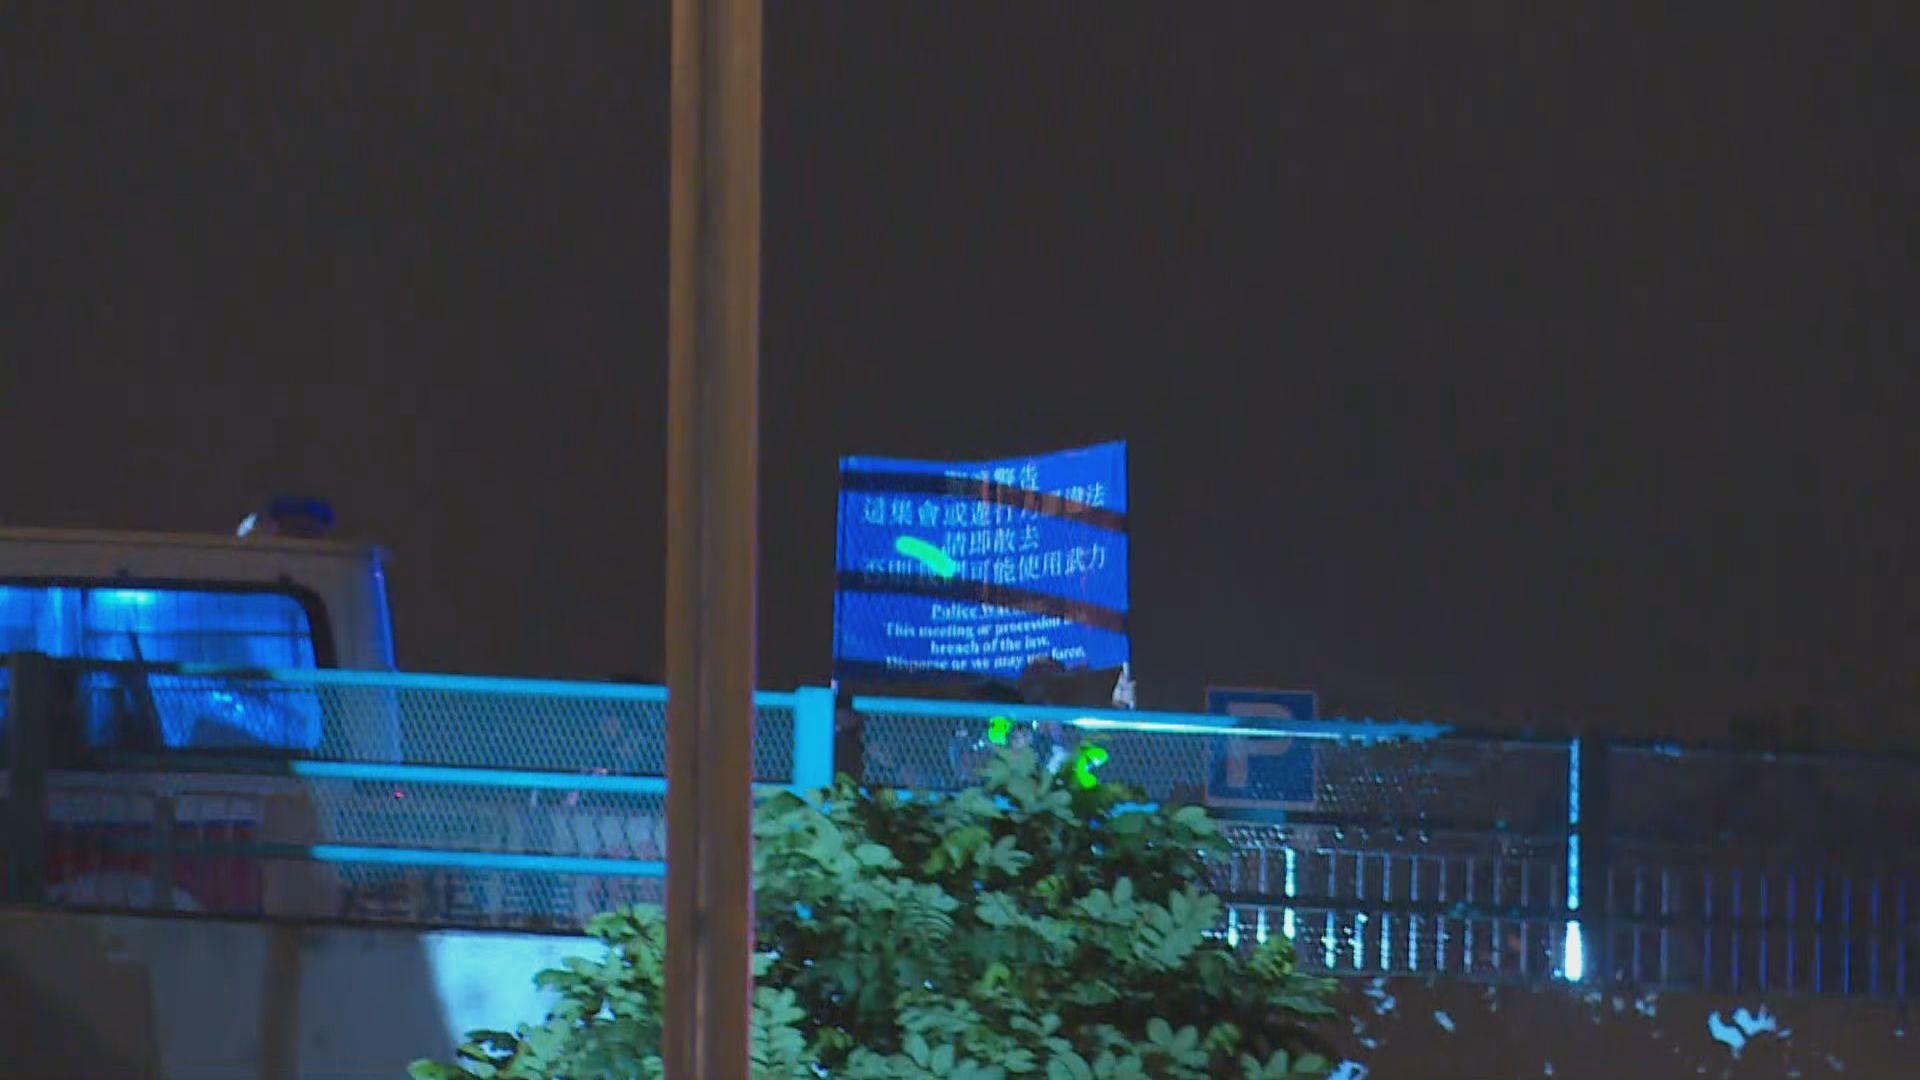 黃埔居民包圍警車 警方一度出示藍旗